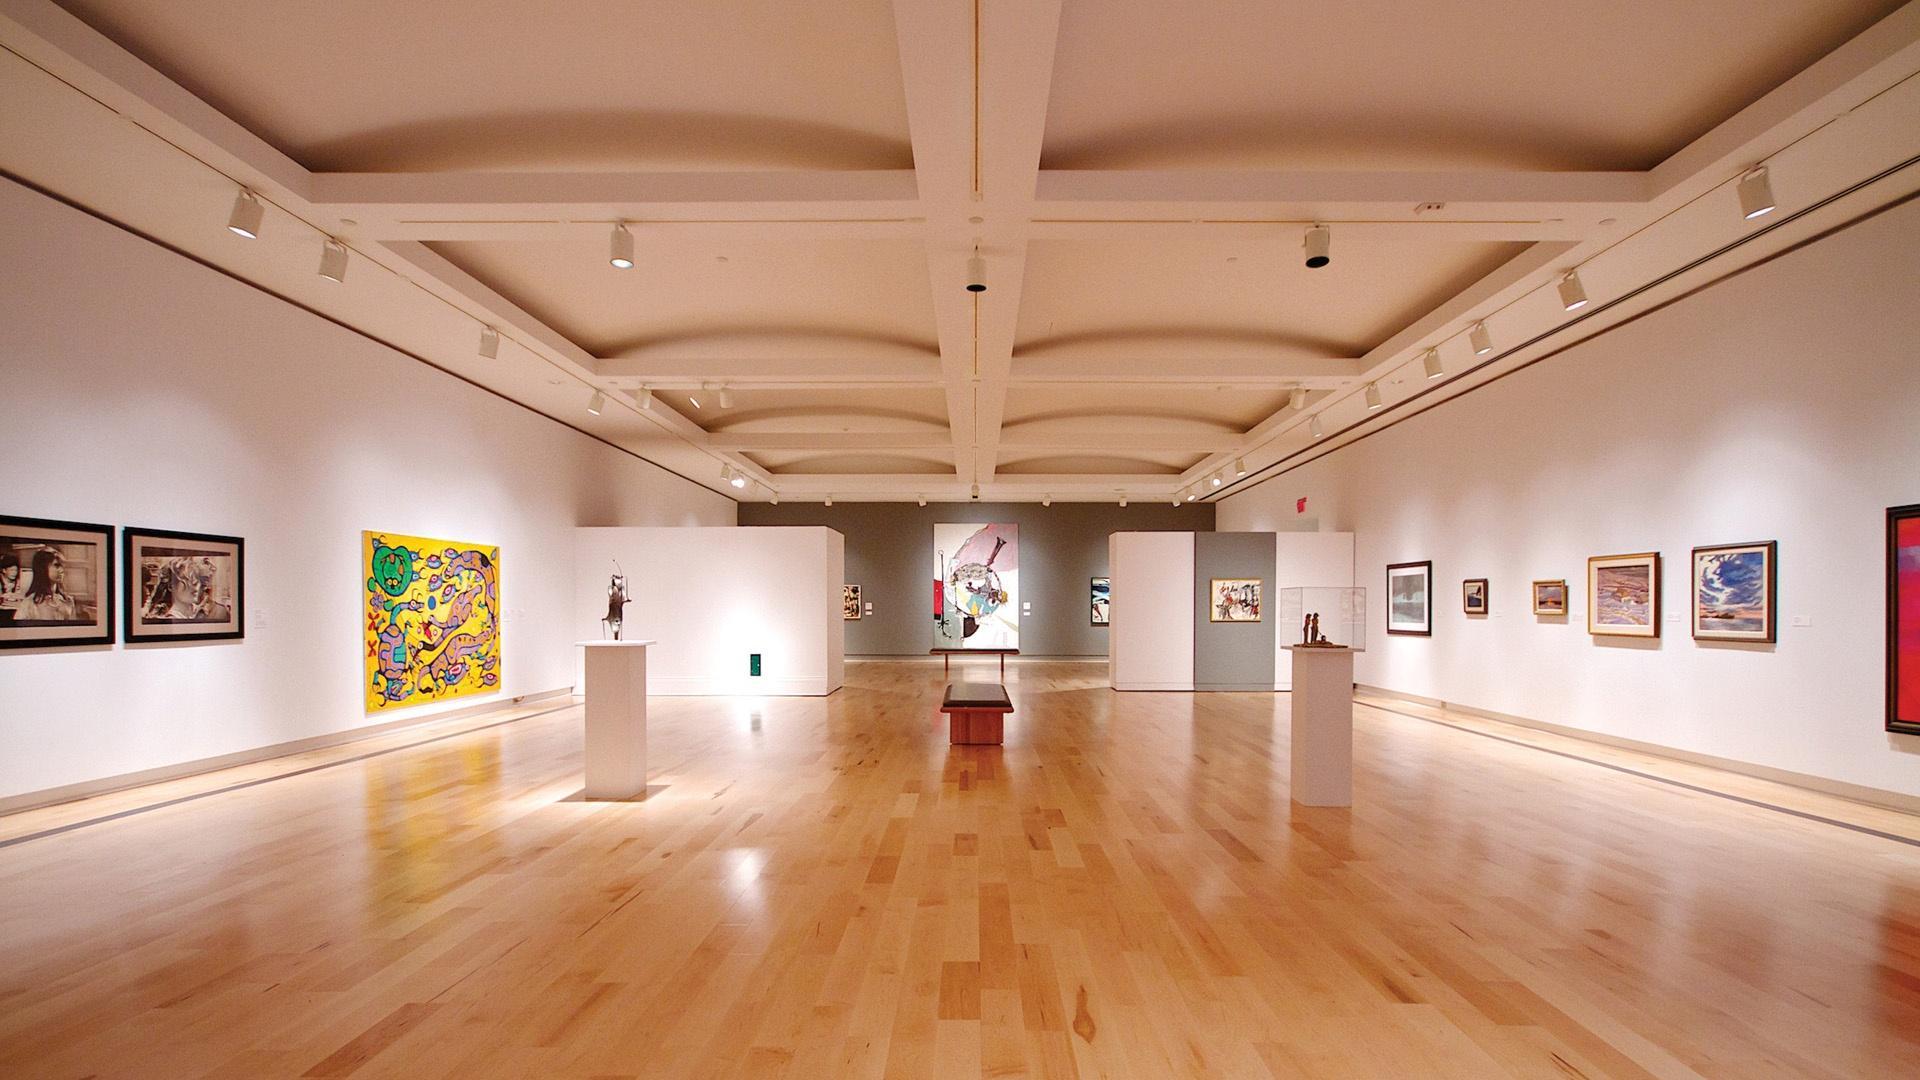 Robert McLaughlin Gallery